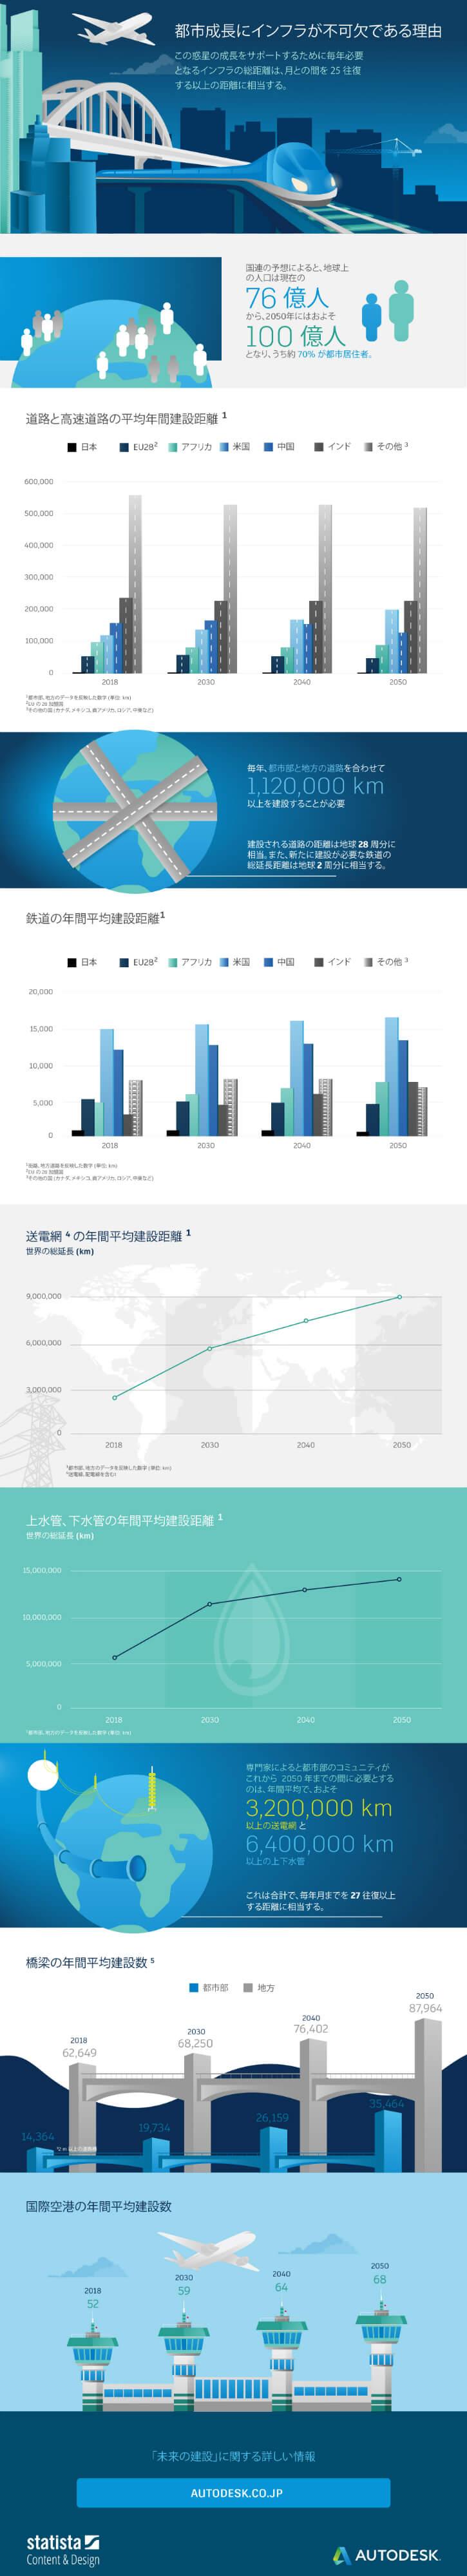 世界 インフラ インフォグラフィック